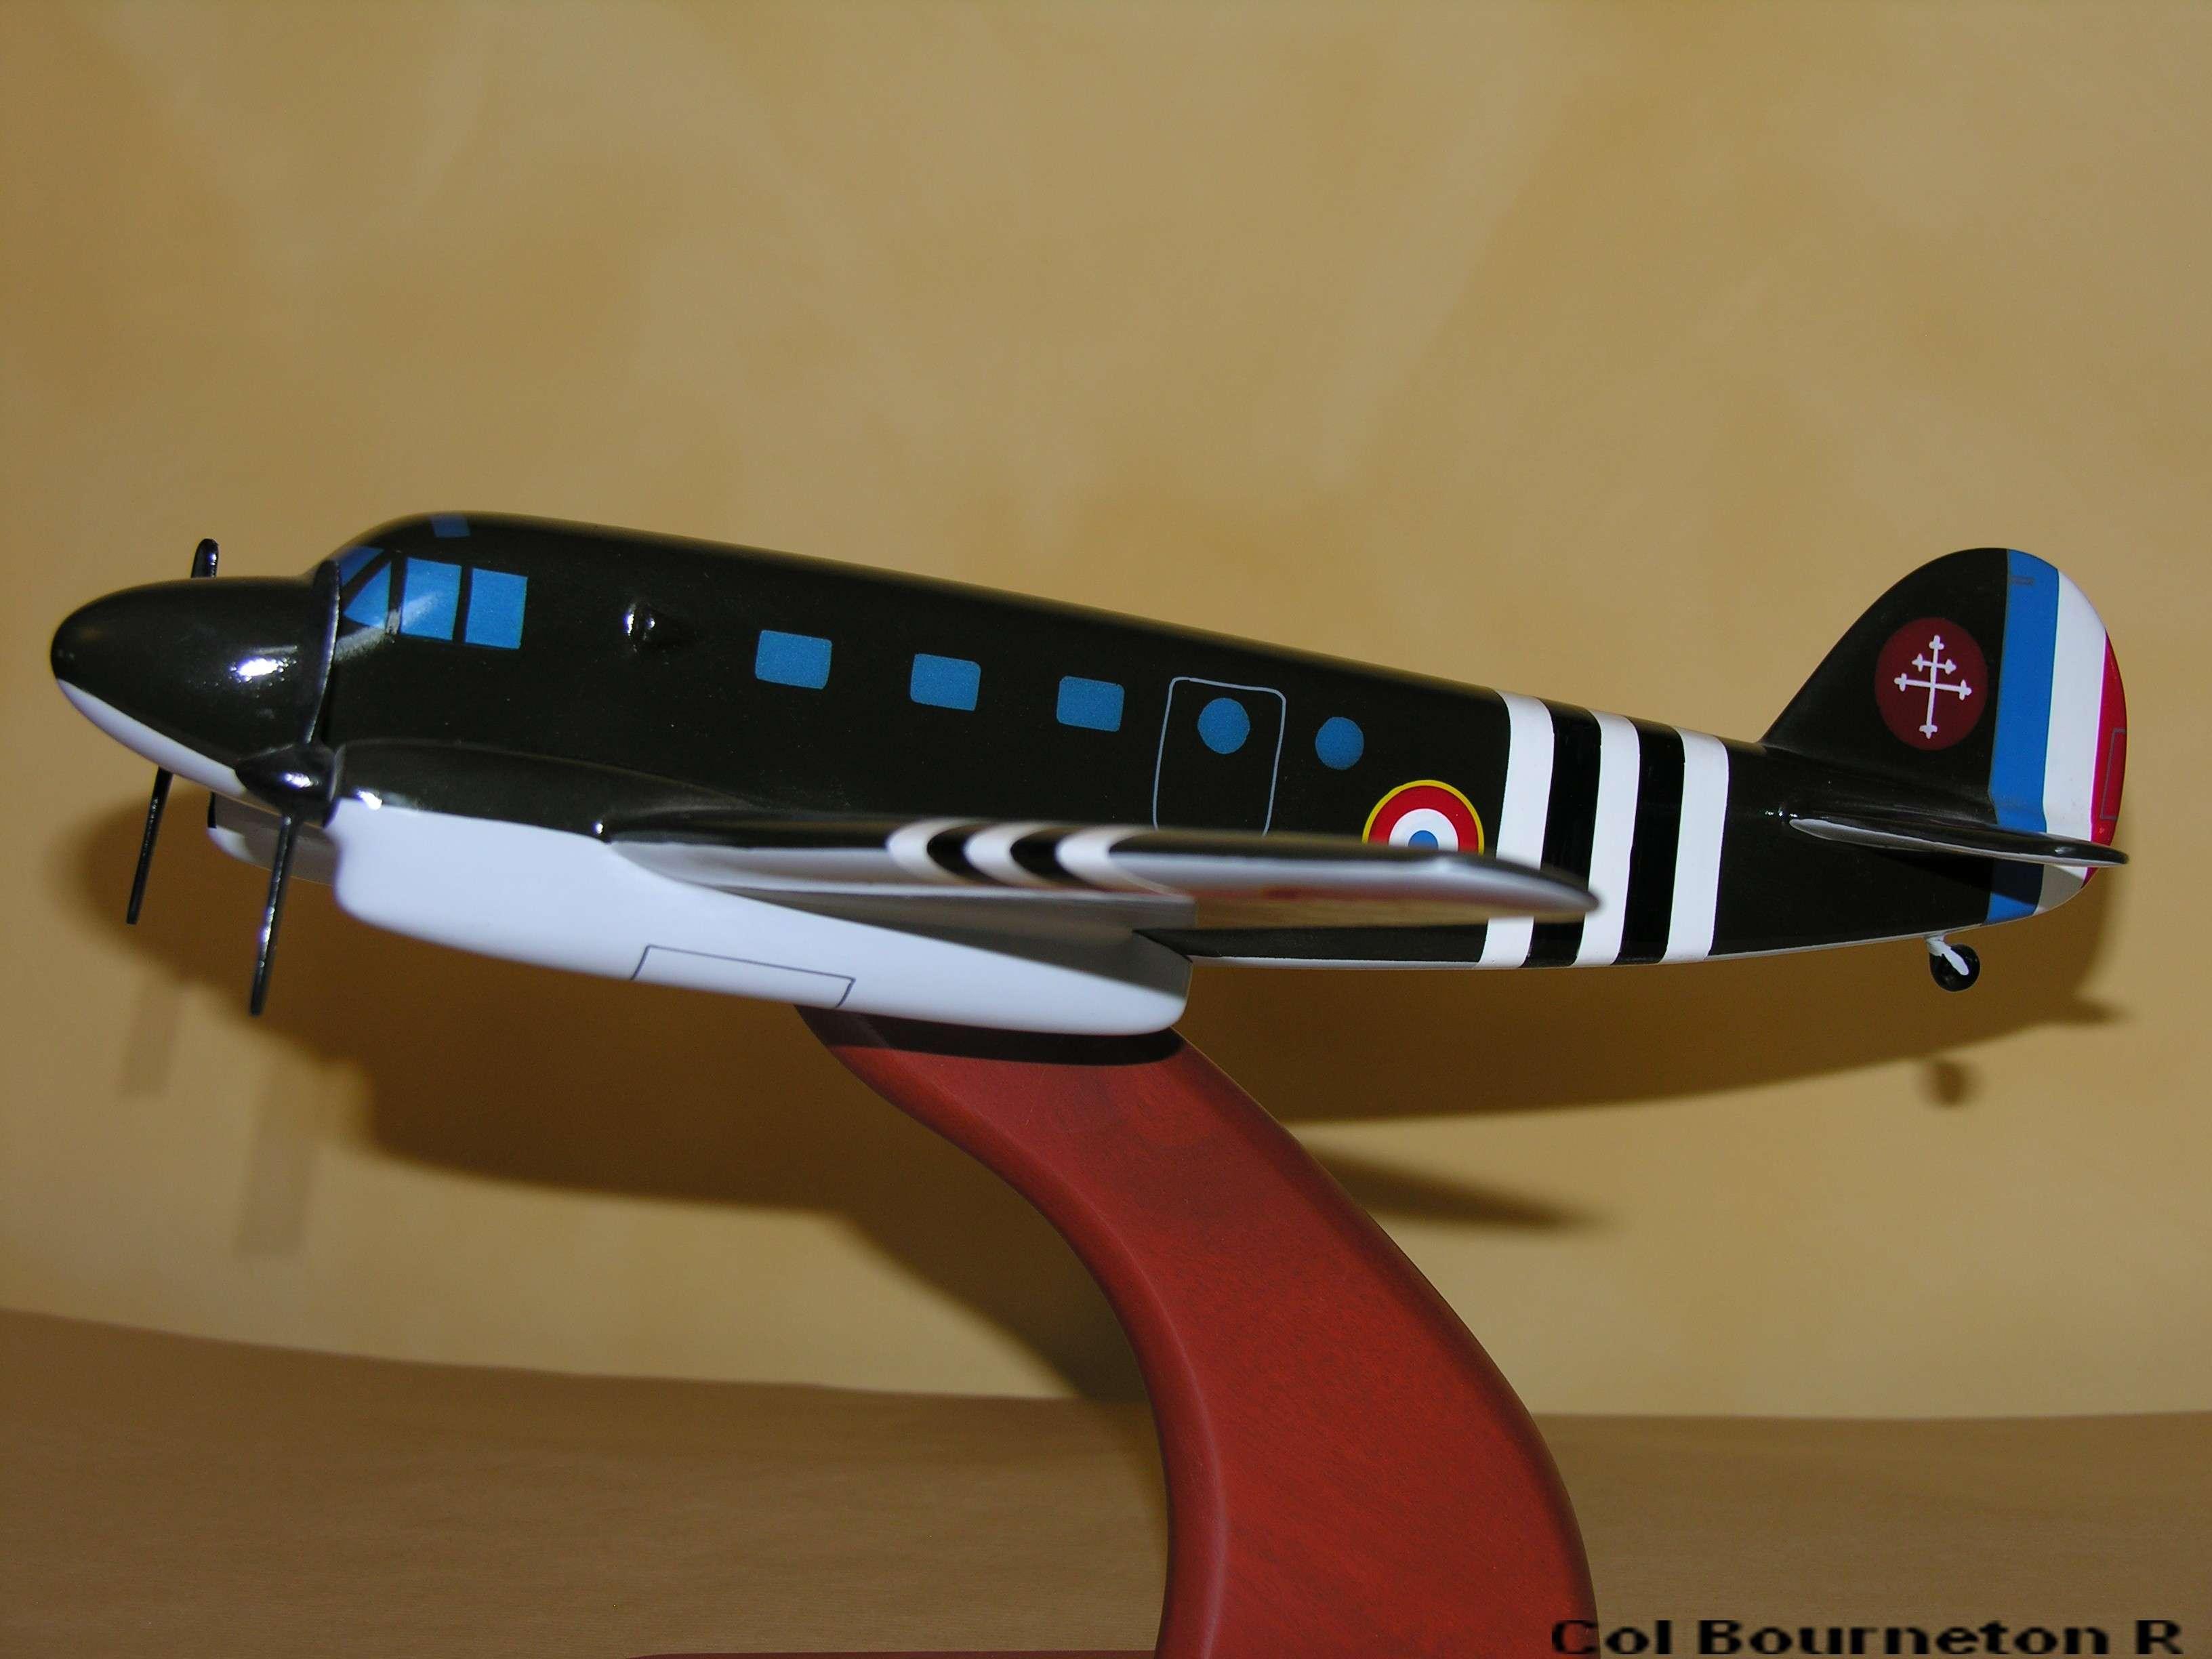 [Les anciens avions de l'aéro] Caudron/SNCAN C445 et C449 Goeland Maquet16